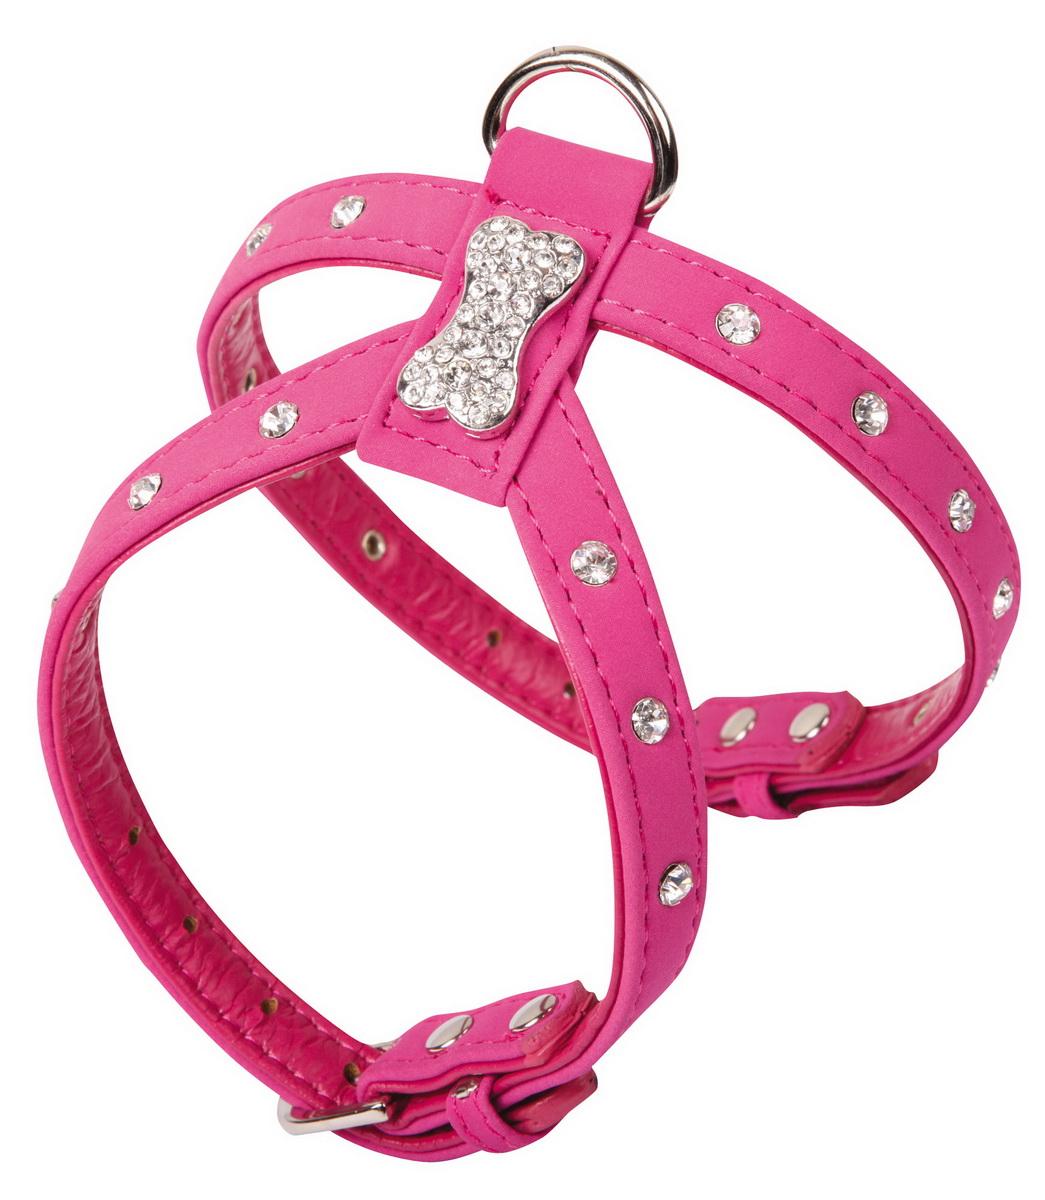 Шлейка для собак Dezzie, цвет: розовый, обхват шеи 22-28 см, обхват груди 34-40 см. Размер L. 56240805624080Шлейка Dezzie, изготовленная из бархата и украшенная металлической вставкой в виде косточки и стразами подходит для собак крупных пород. Крепкие металлические элементы делают ее надежной и долговечной. Шлейка - это альтернатива ошейнику. Правильно подобранная шлейка не стесняет движения питомца, не натирает кожу, поэтому животное чувствует себя в ней уверенно и комфортно. Имеется металлическое кольцо для крепления поводка. Изделие отличается высоким качеством, удобством и универсальностью. Имеется металлическое кольцо для крепления поводка. Размер регулируется при помощи пряжек. Обхват шеи: 22-28 см. Обхват груди: 34-40 см.